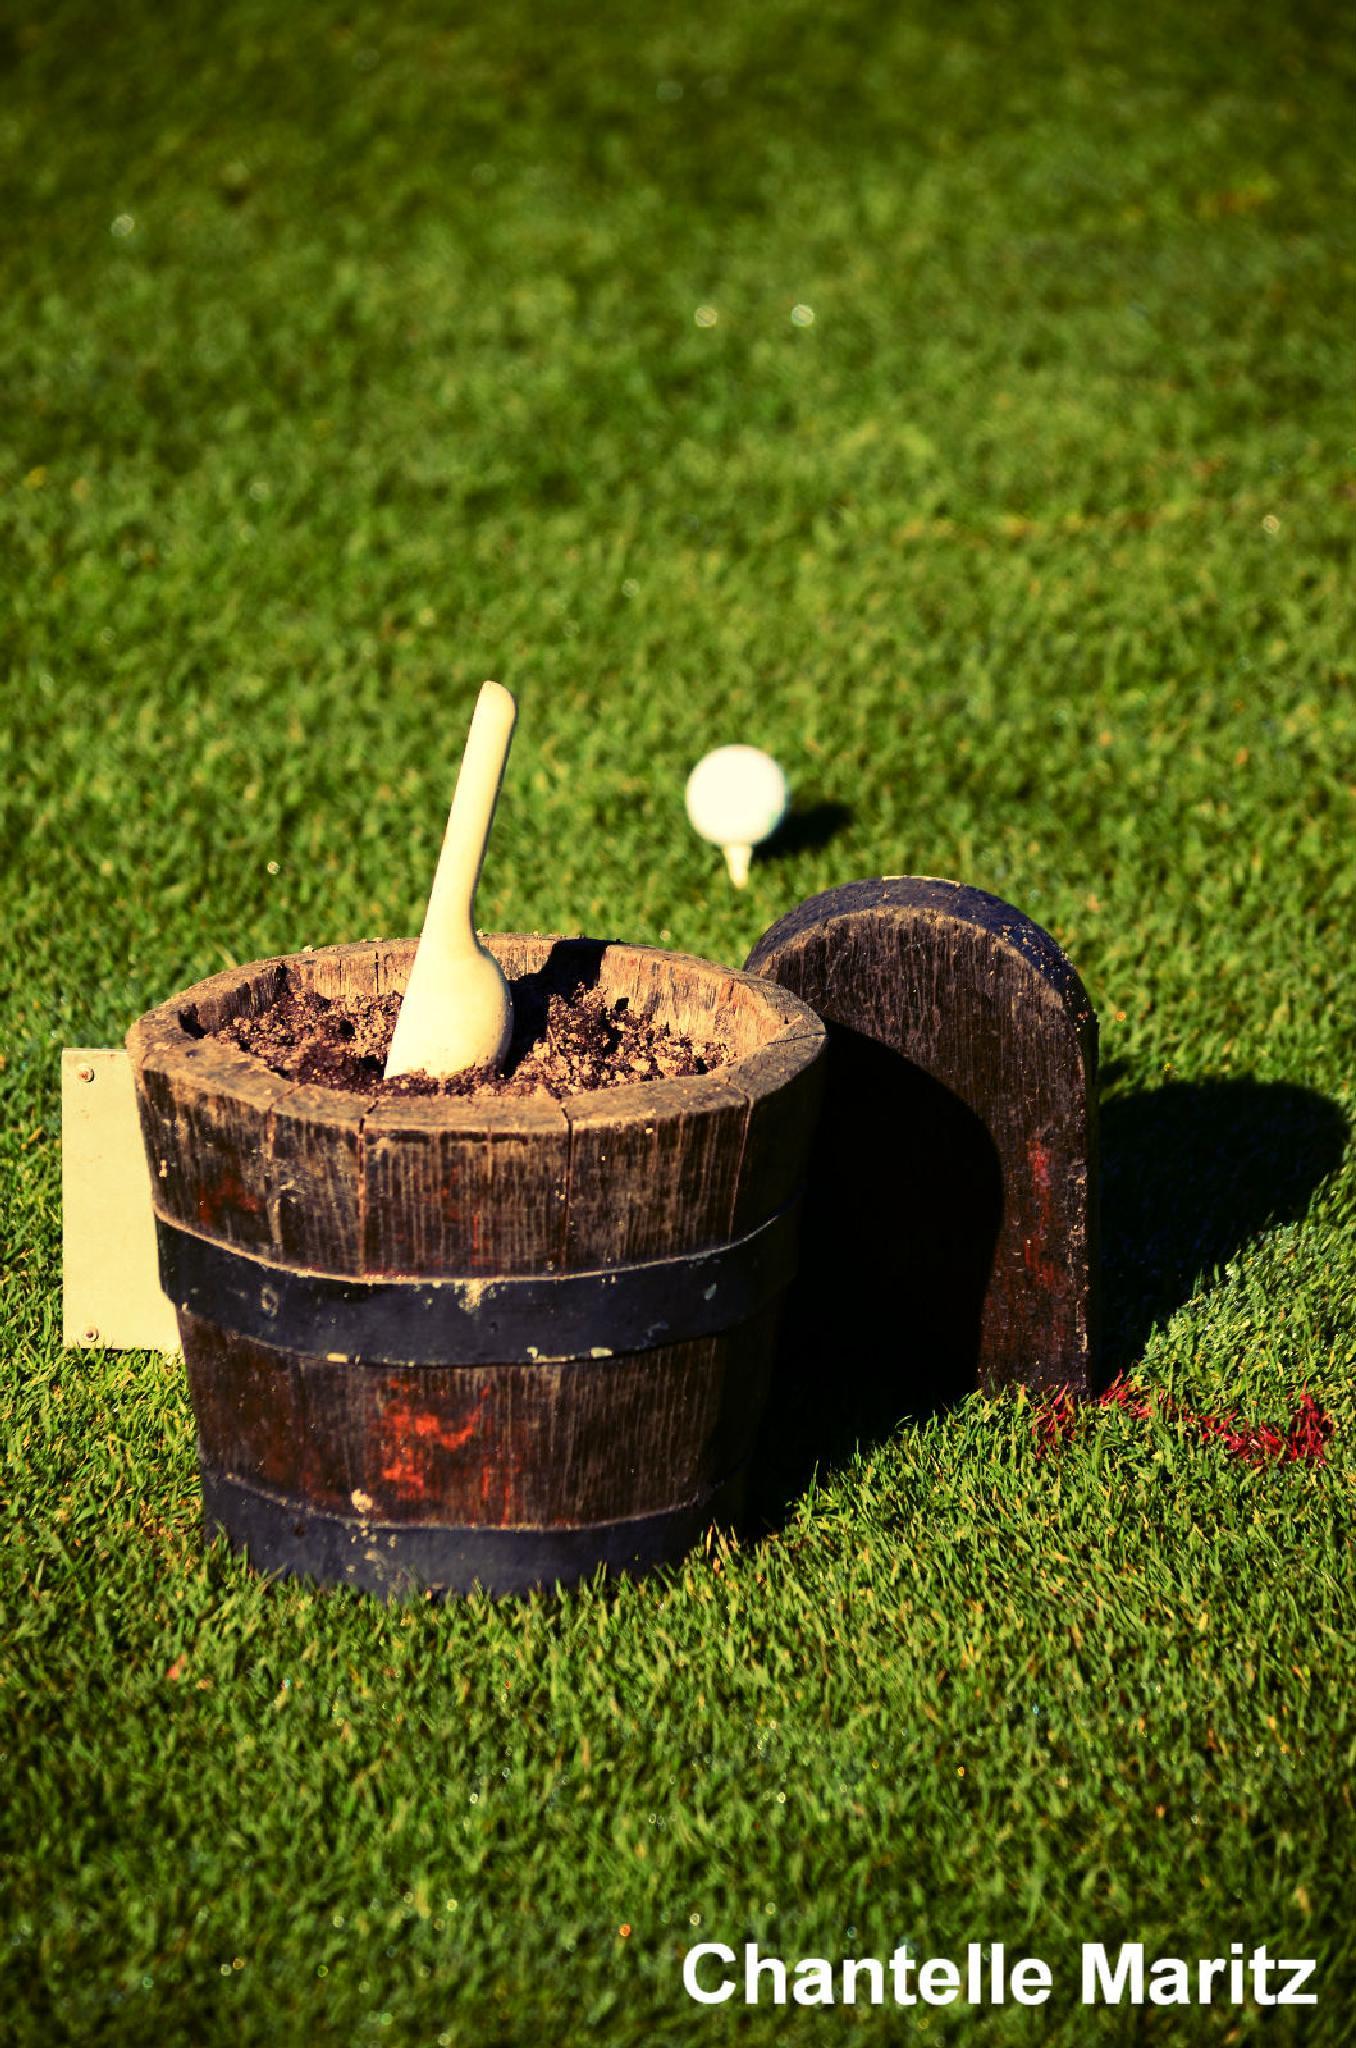 The dirt bucket. by Chantelle Maritz